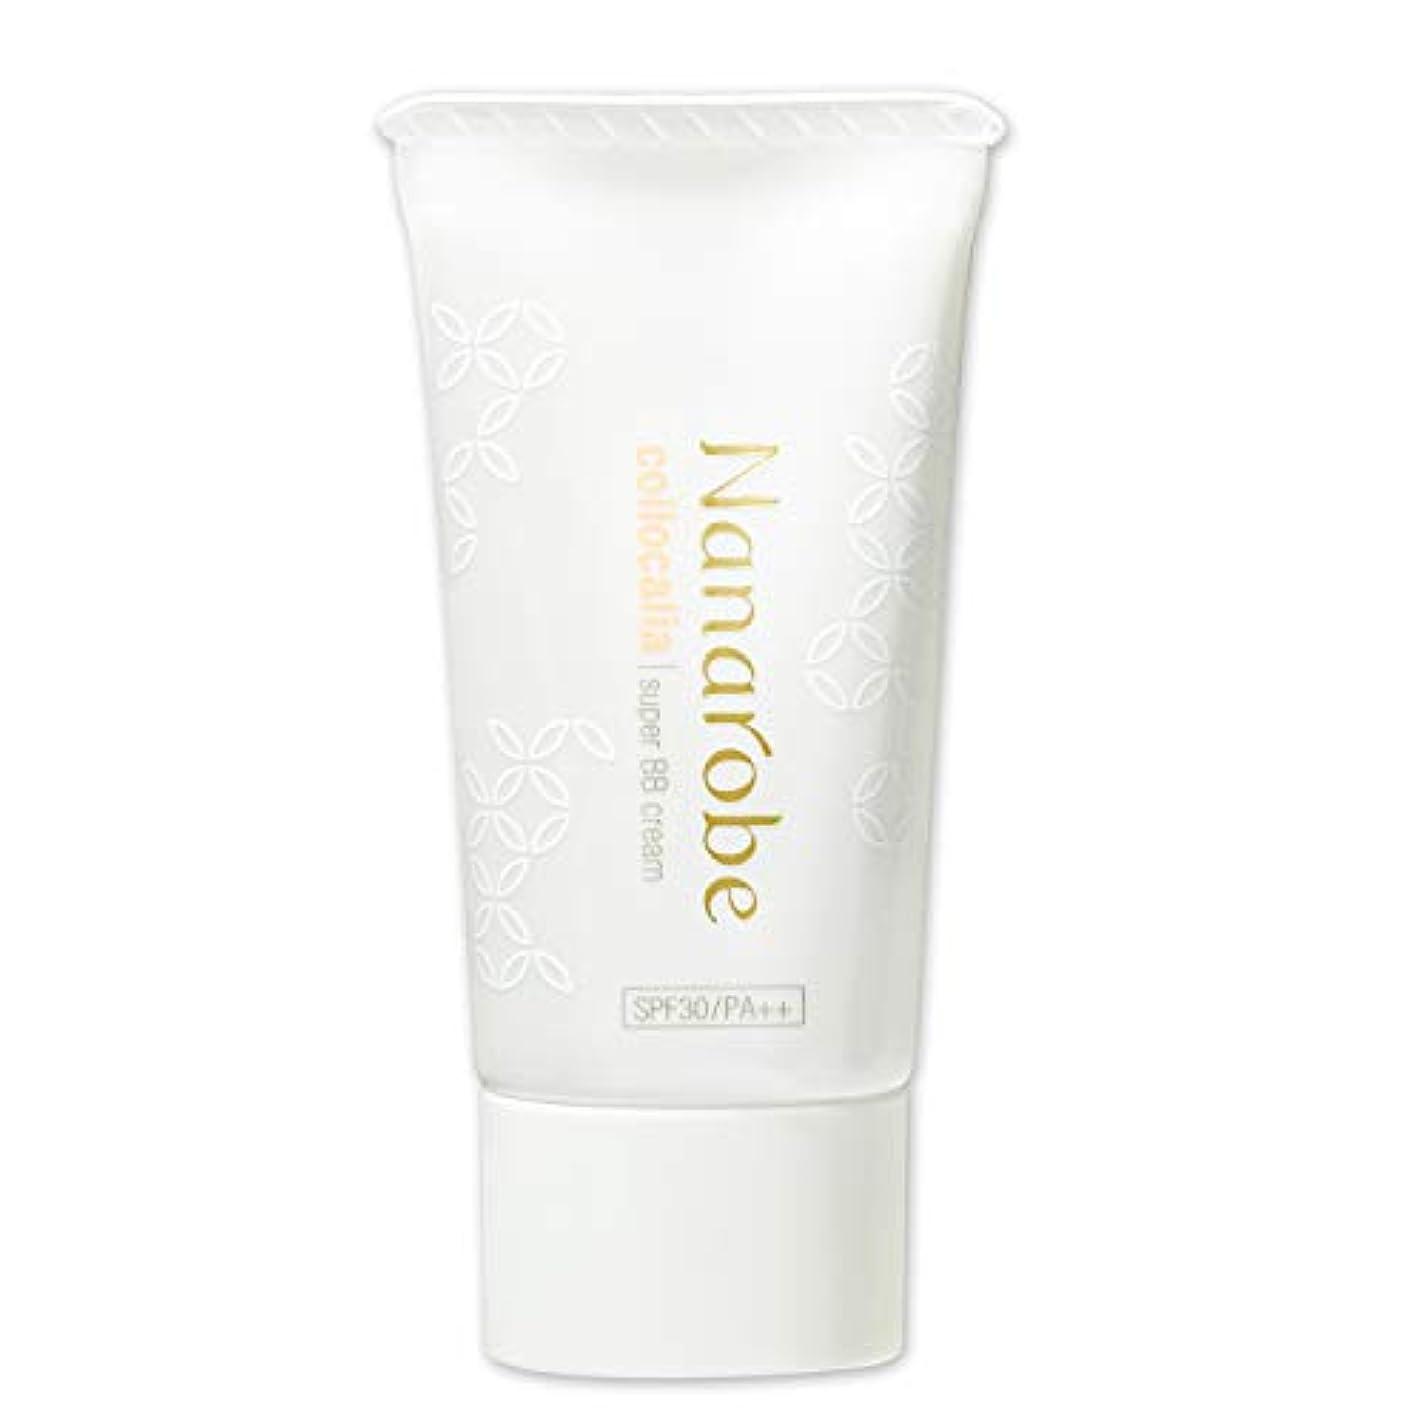 マナー疾患ブランチナナローブ (Nanarobe) BBクリーム 化粧下地 ファンデーション コロカリア UV SPF30 PA++ 30g